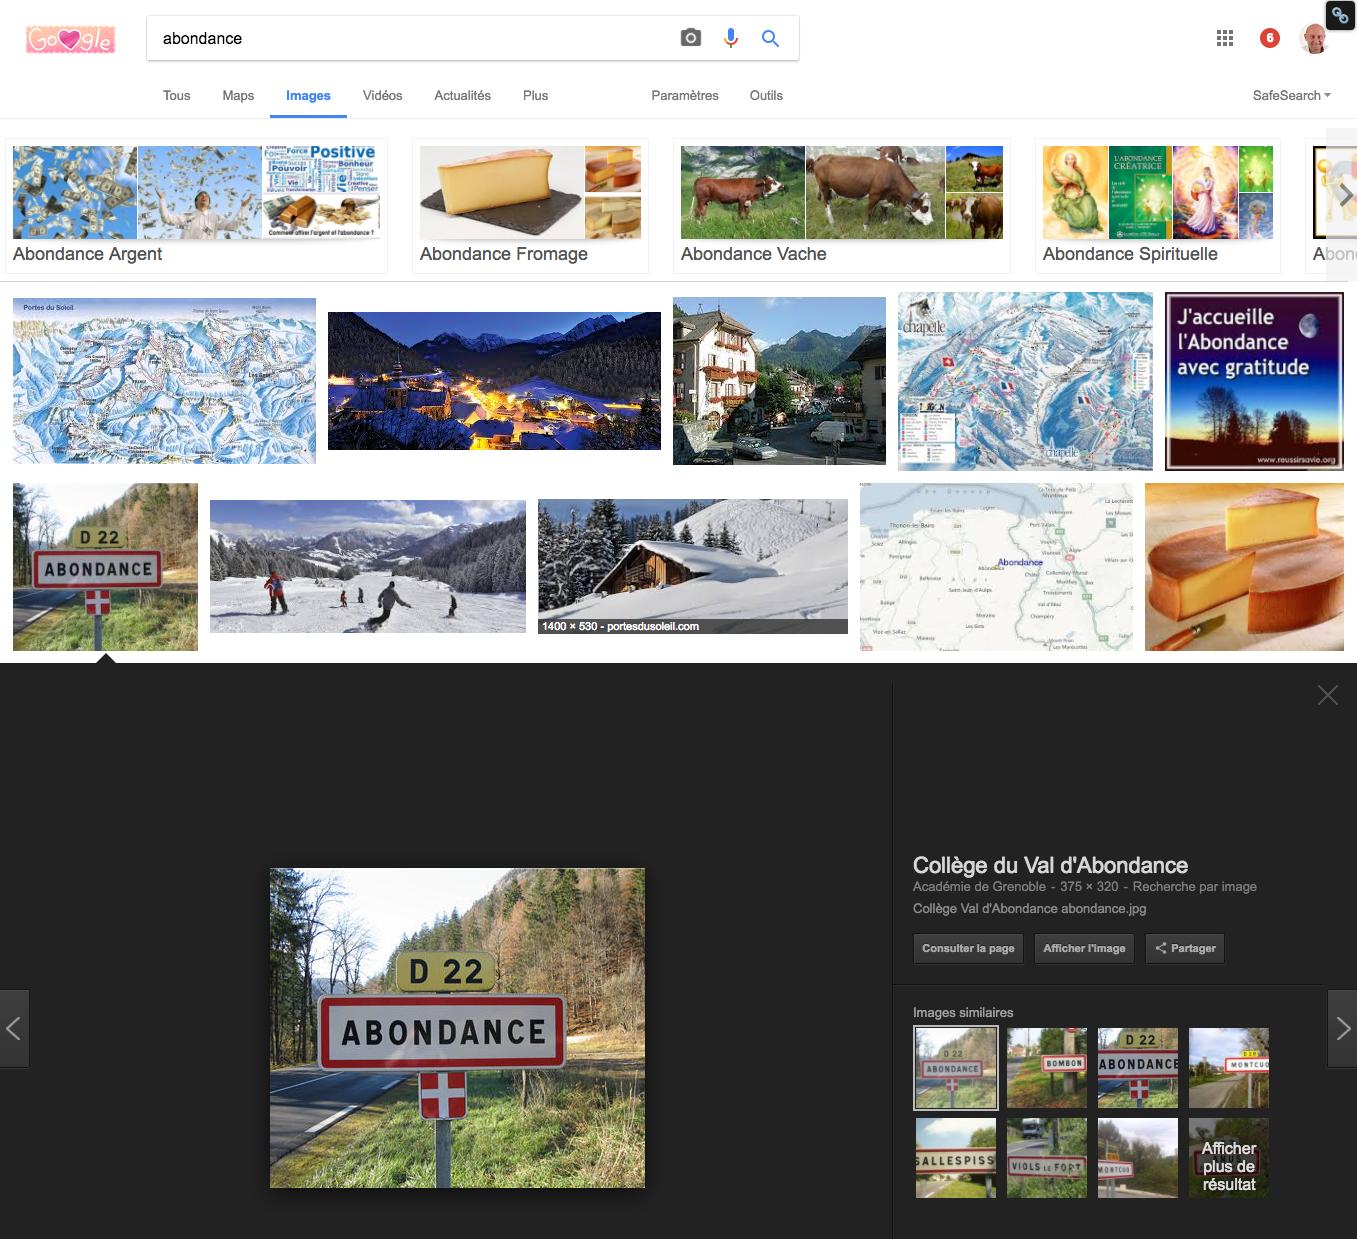 interface-google-images-fevrier-2017